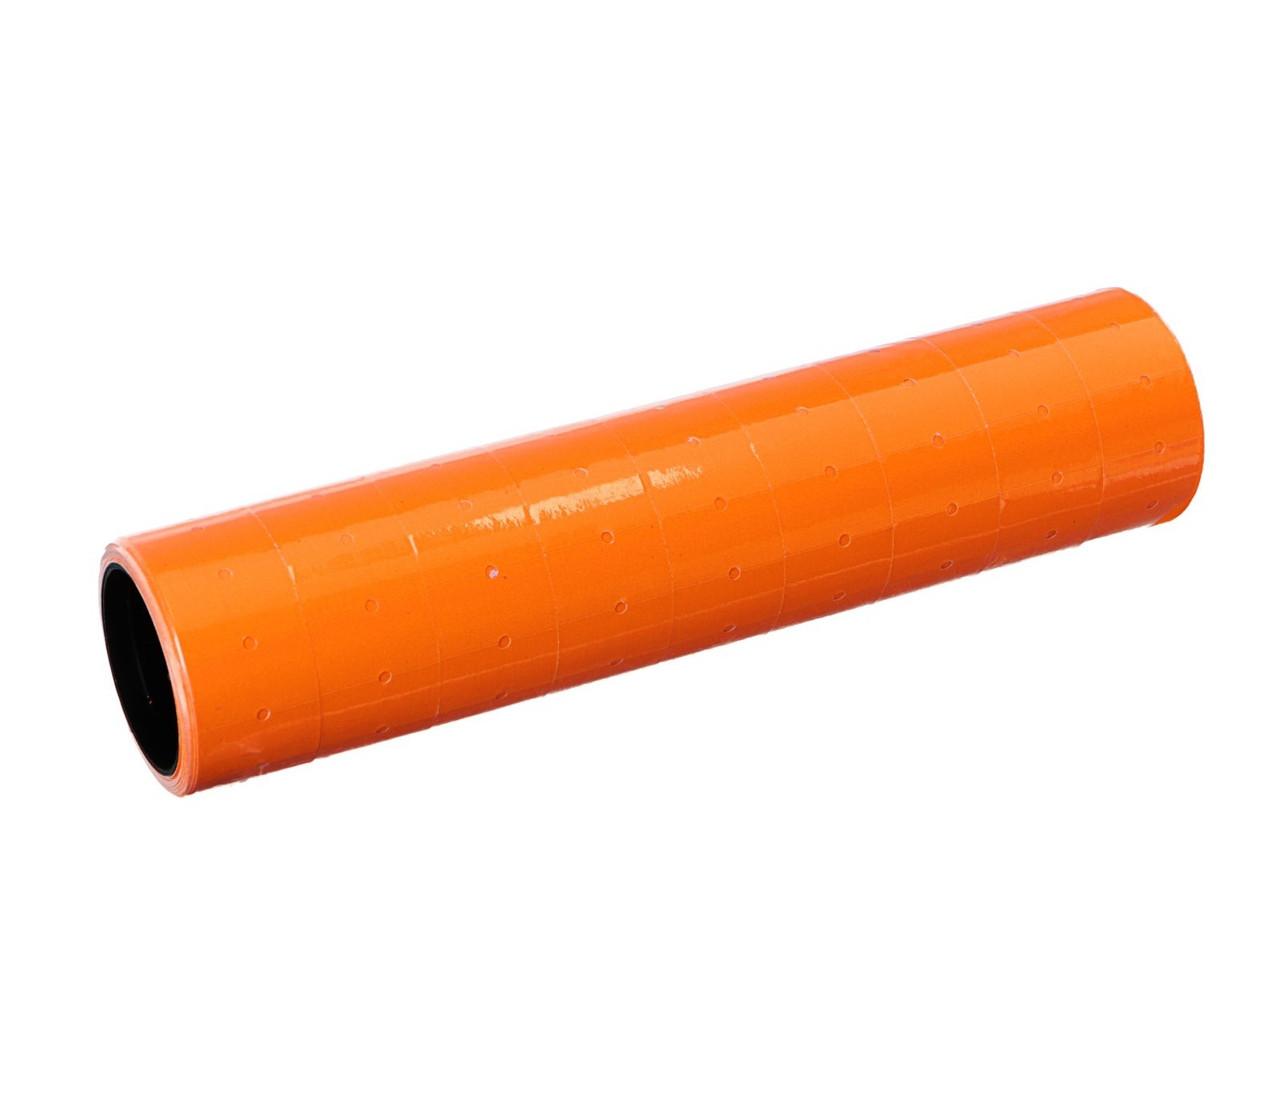 Ценники для пистолета, ширина 20*12мм., оранжевые